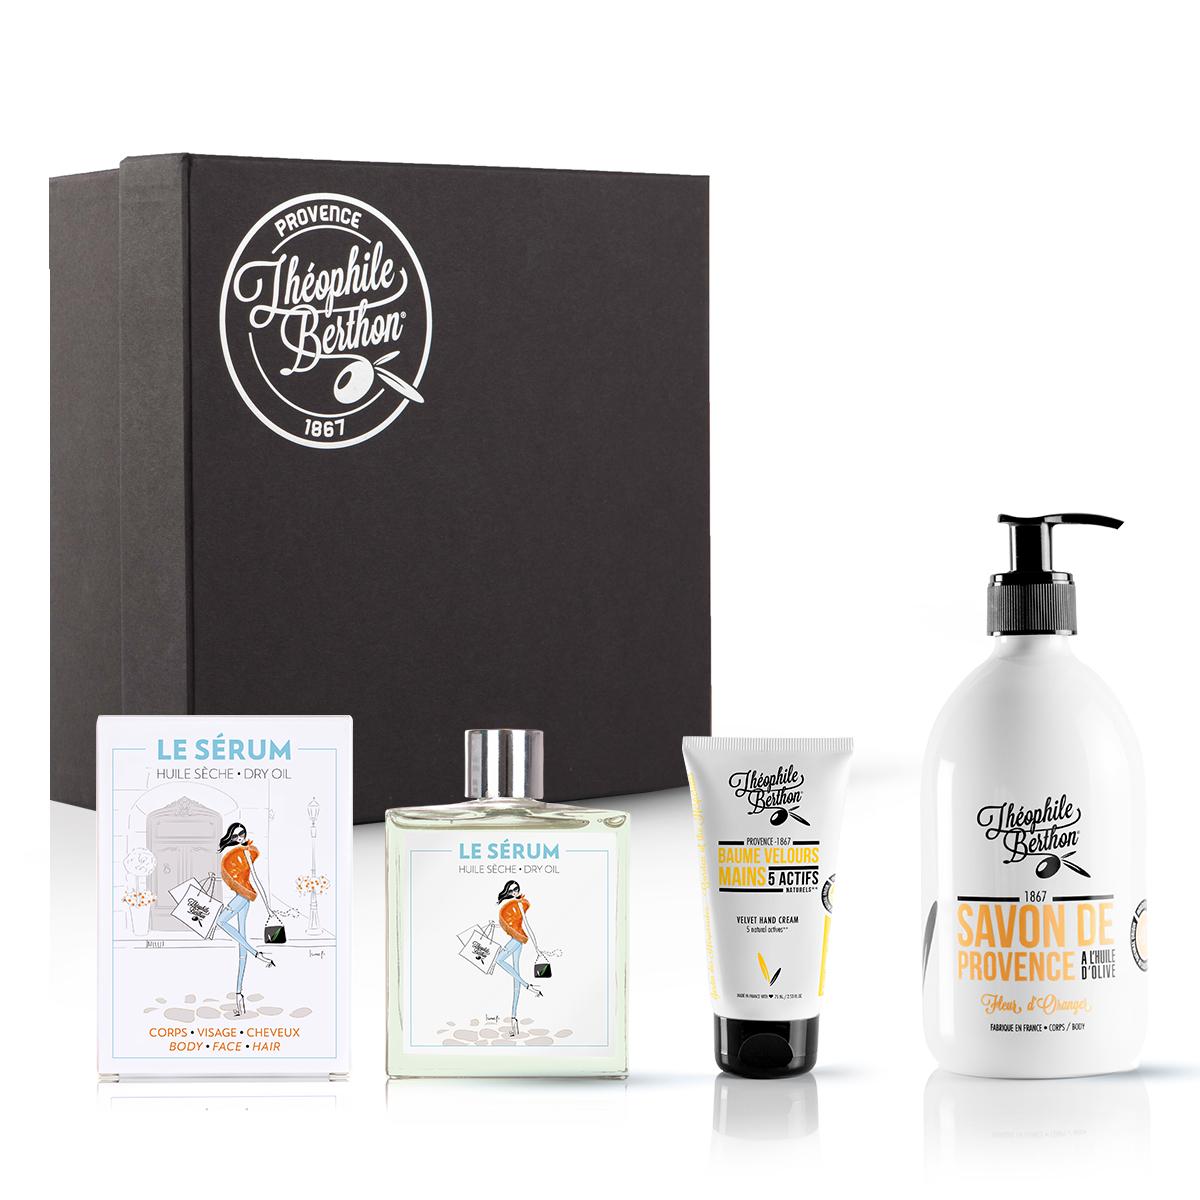 Coffret huile sèche baume mains et savon douche fleur oranger